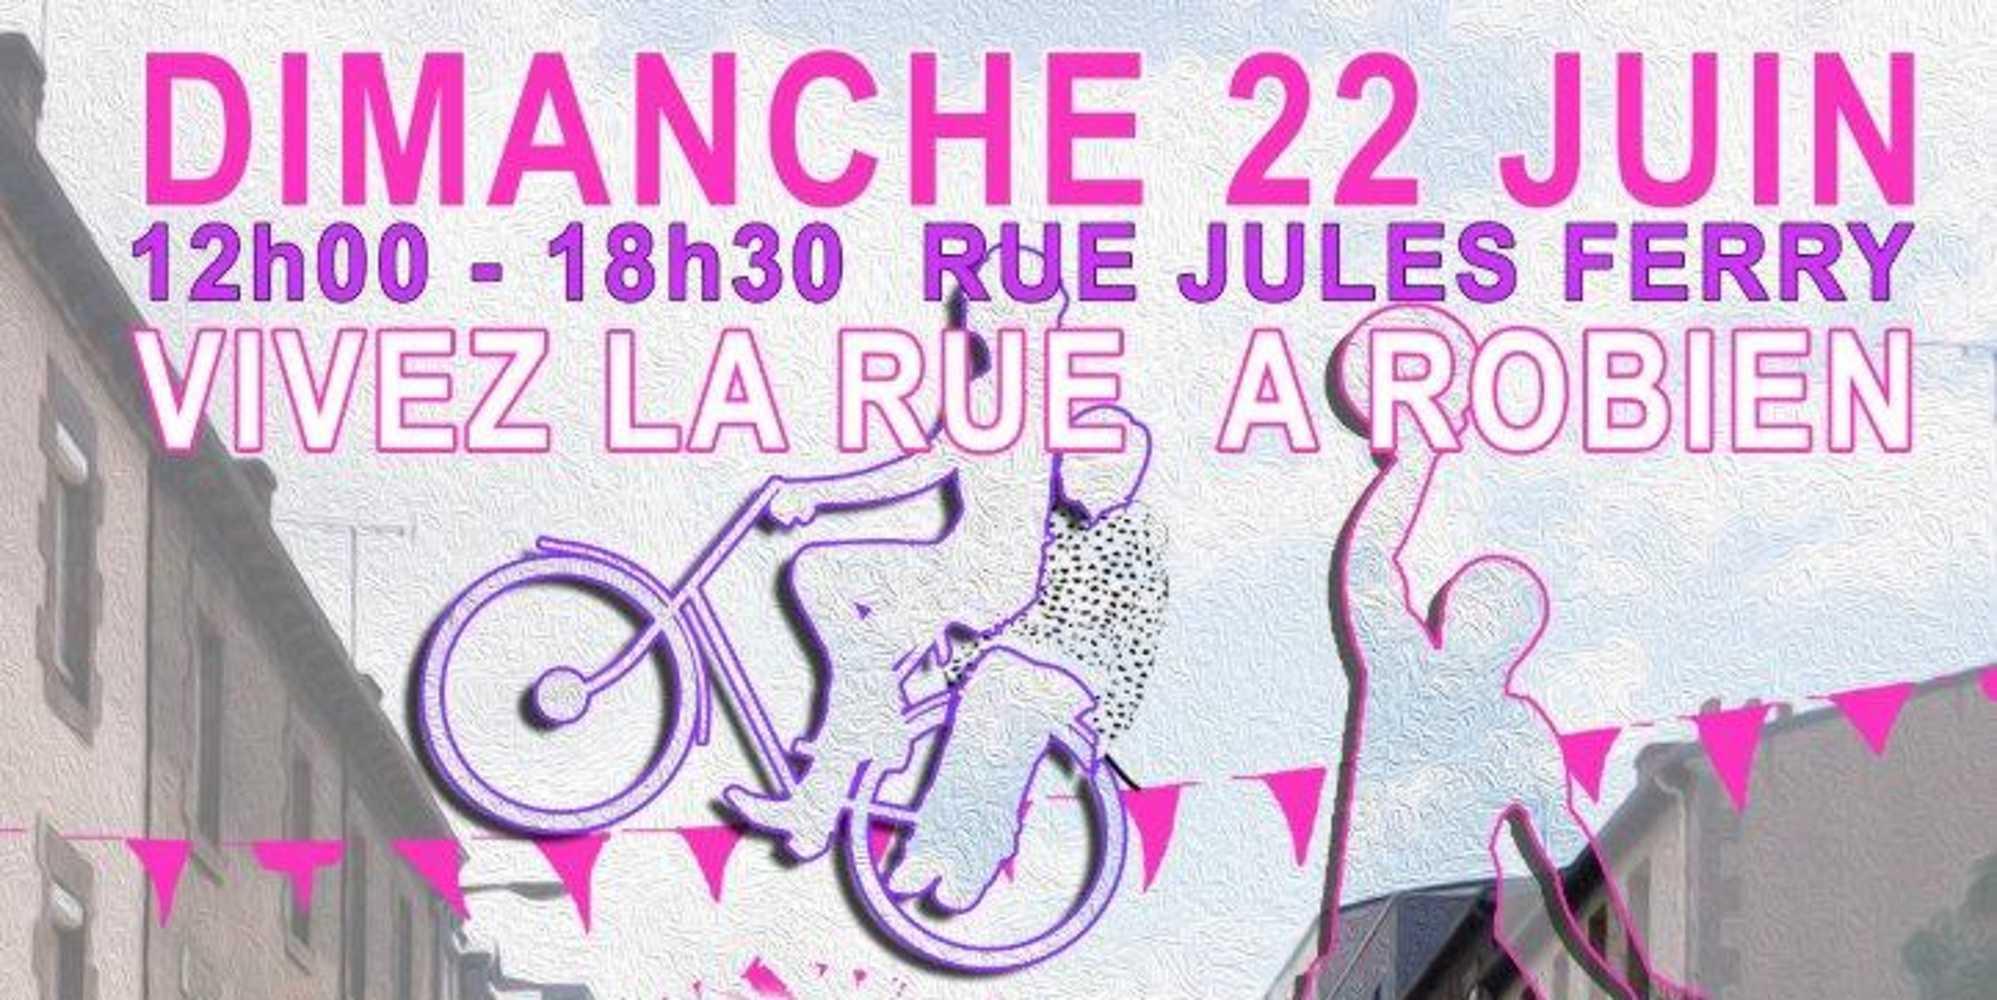 Vivez la rue à Robien, dimanche 22 juin 2014 0